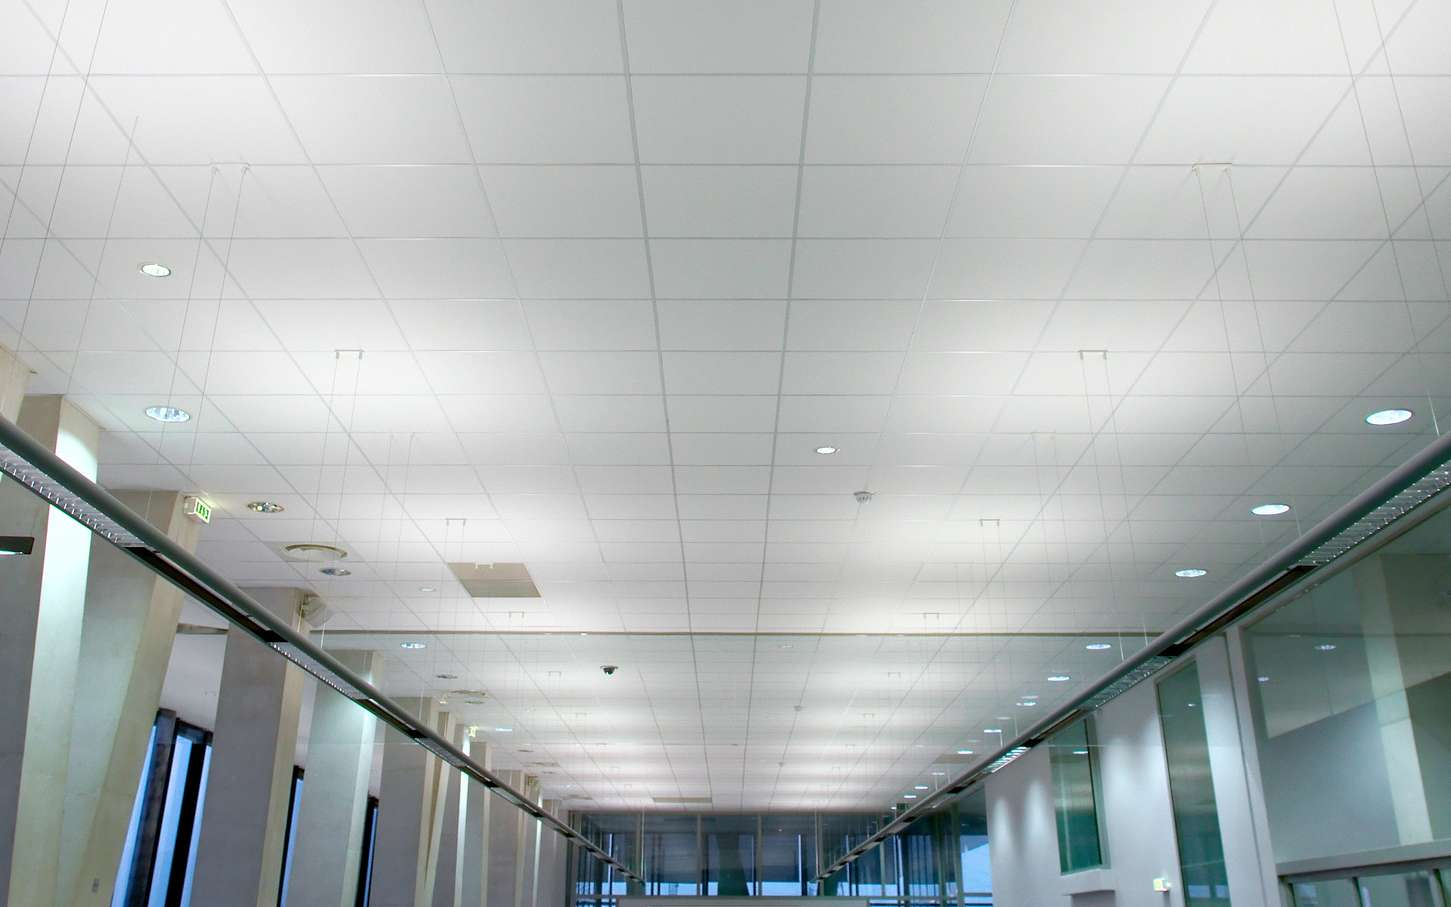 Le plafond suspendu, ou faux plafond, permet de cacher des tuyaux ou des fils électriques. © zigazou76, Flickr, CC by 2.0